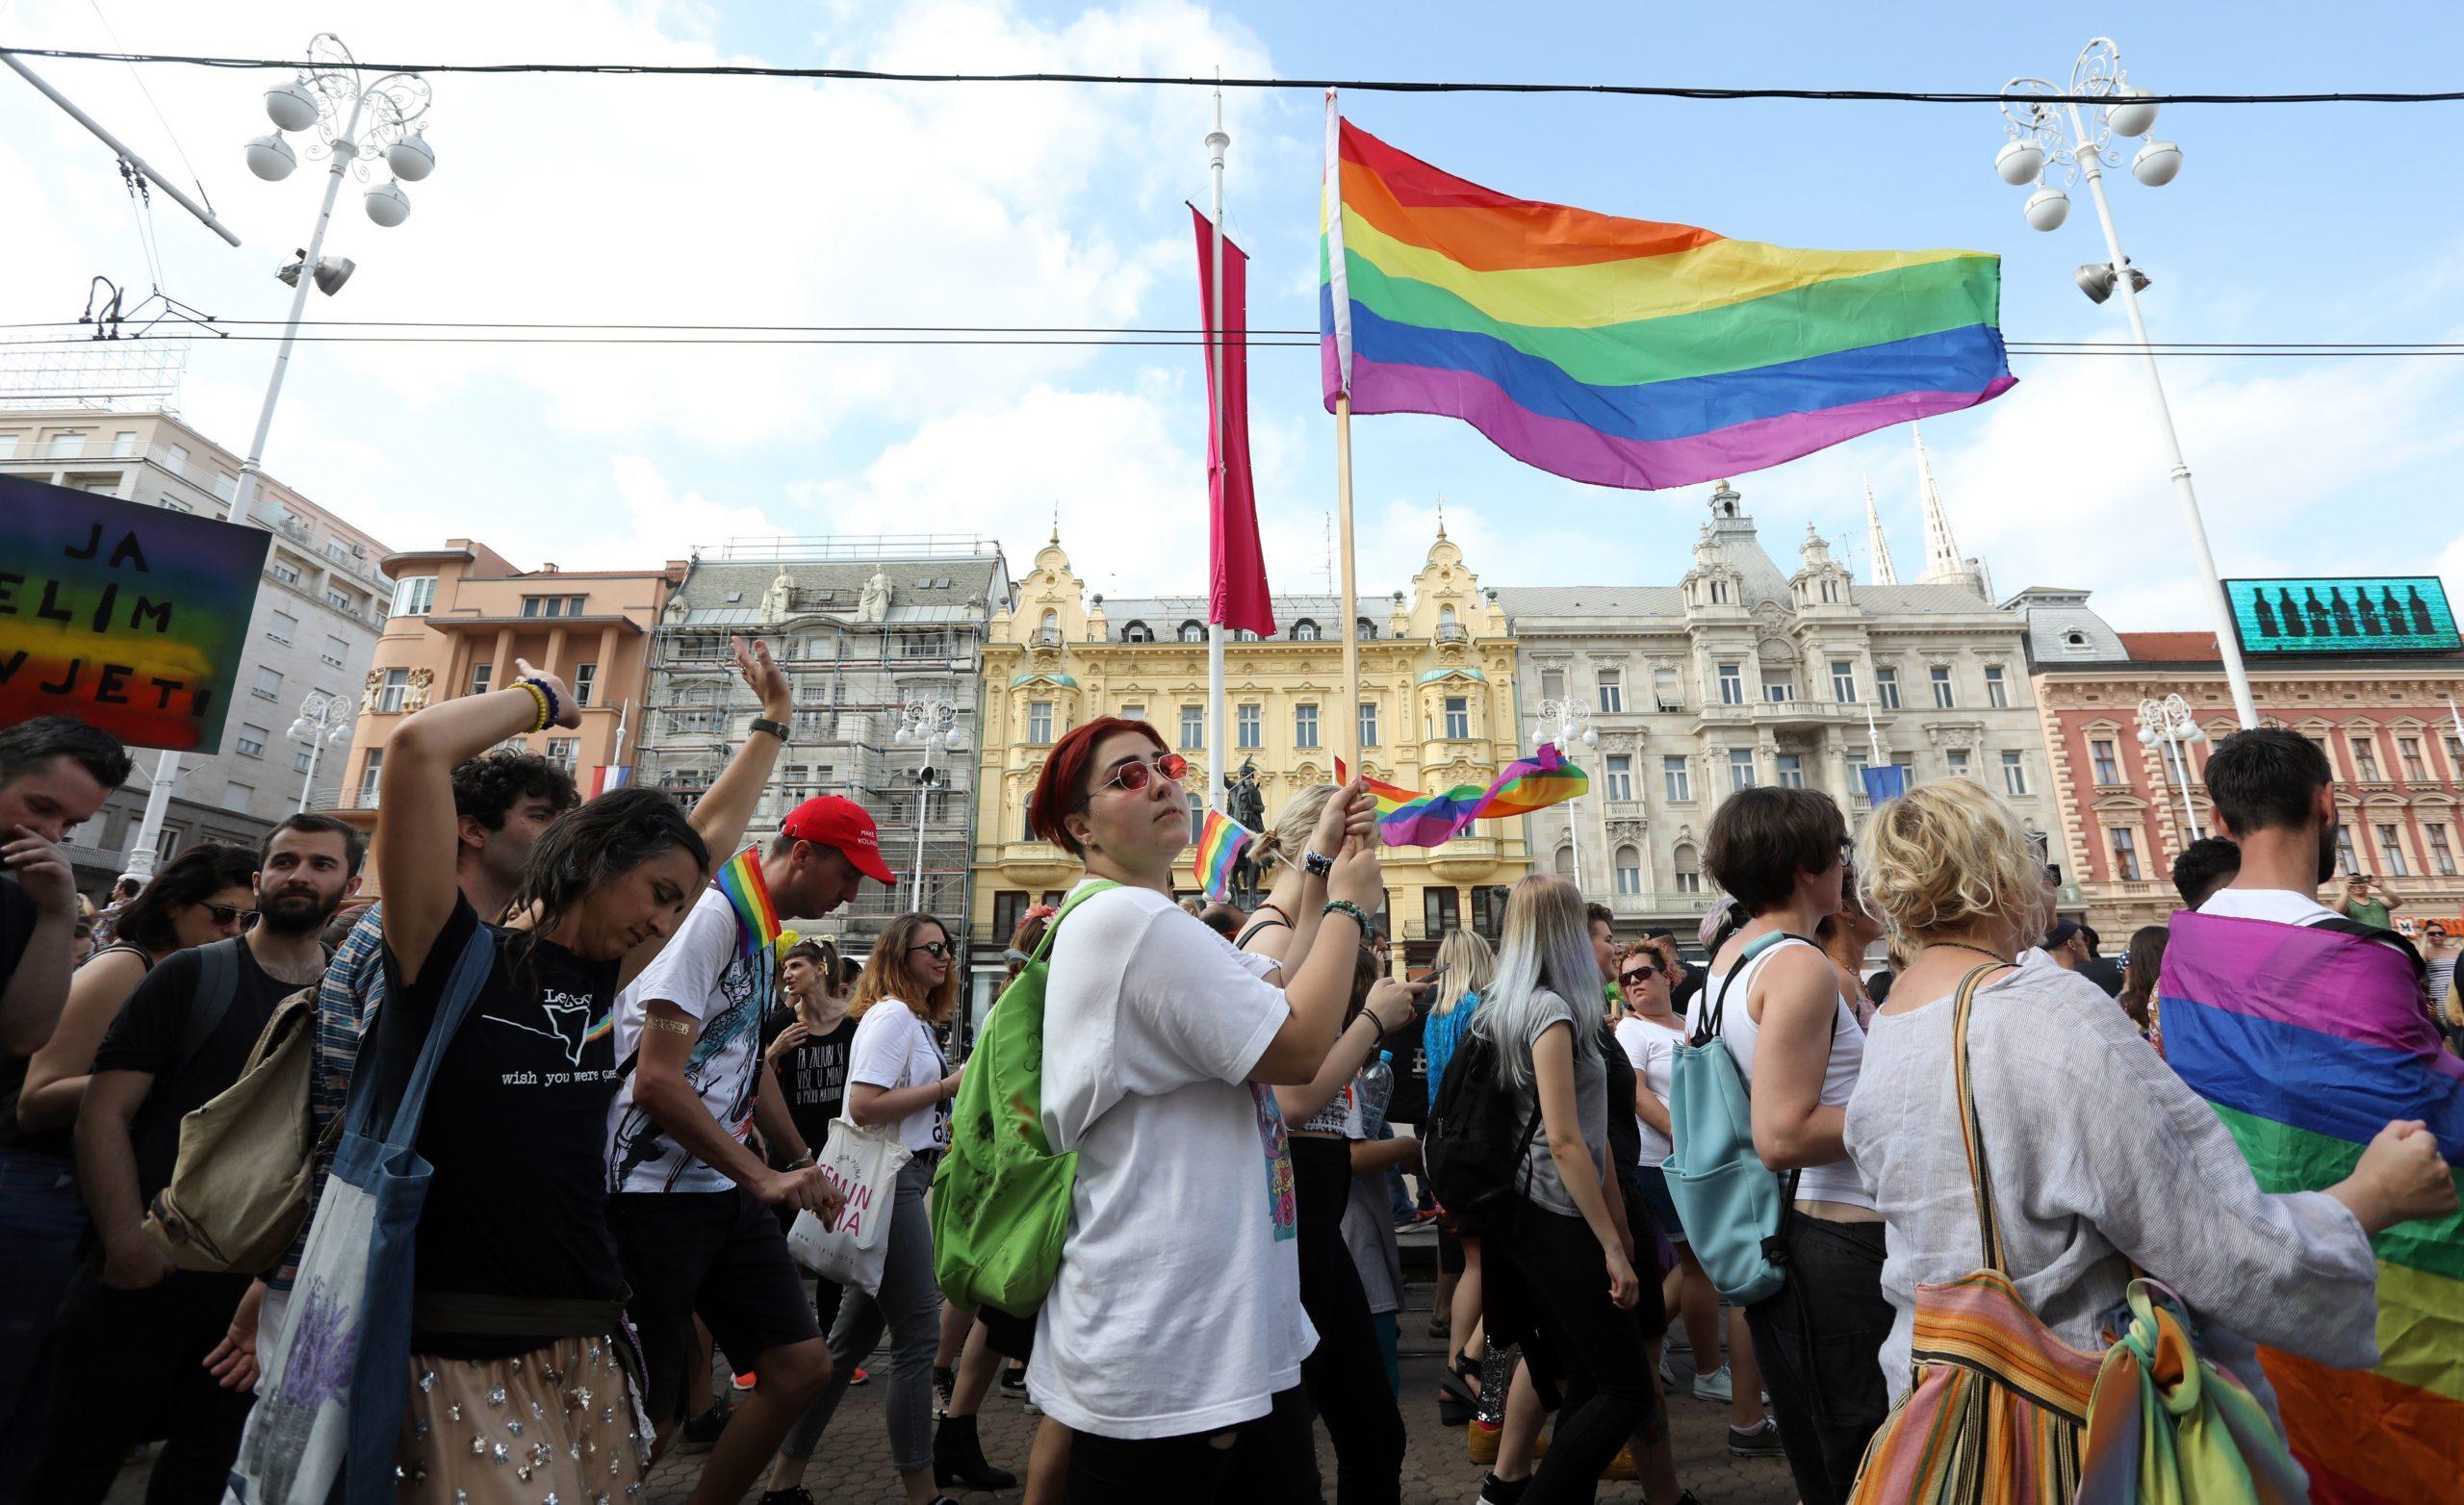 Un Couple Gay Devient Le Premier Parent D'accueil De Même